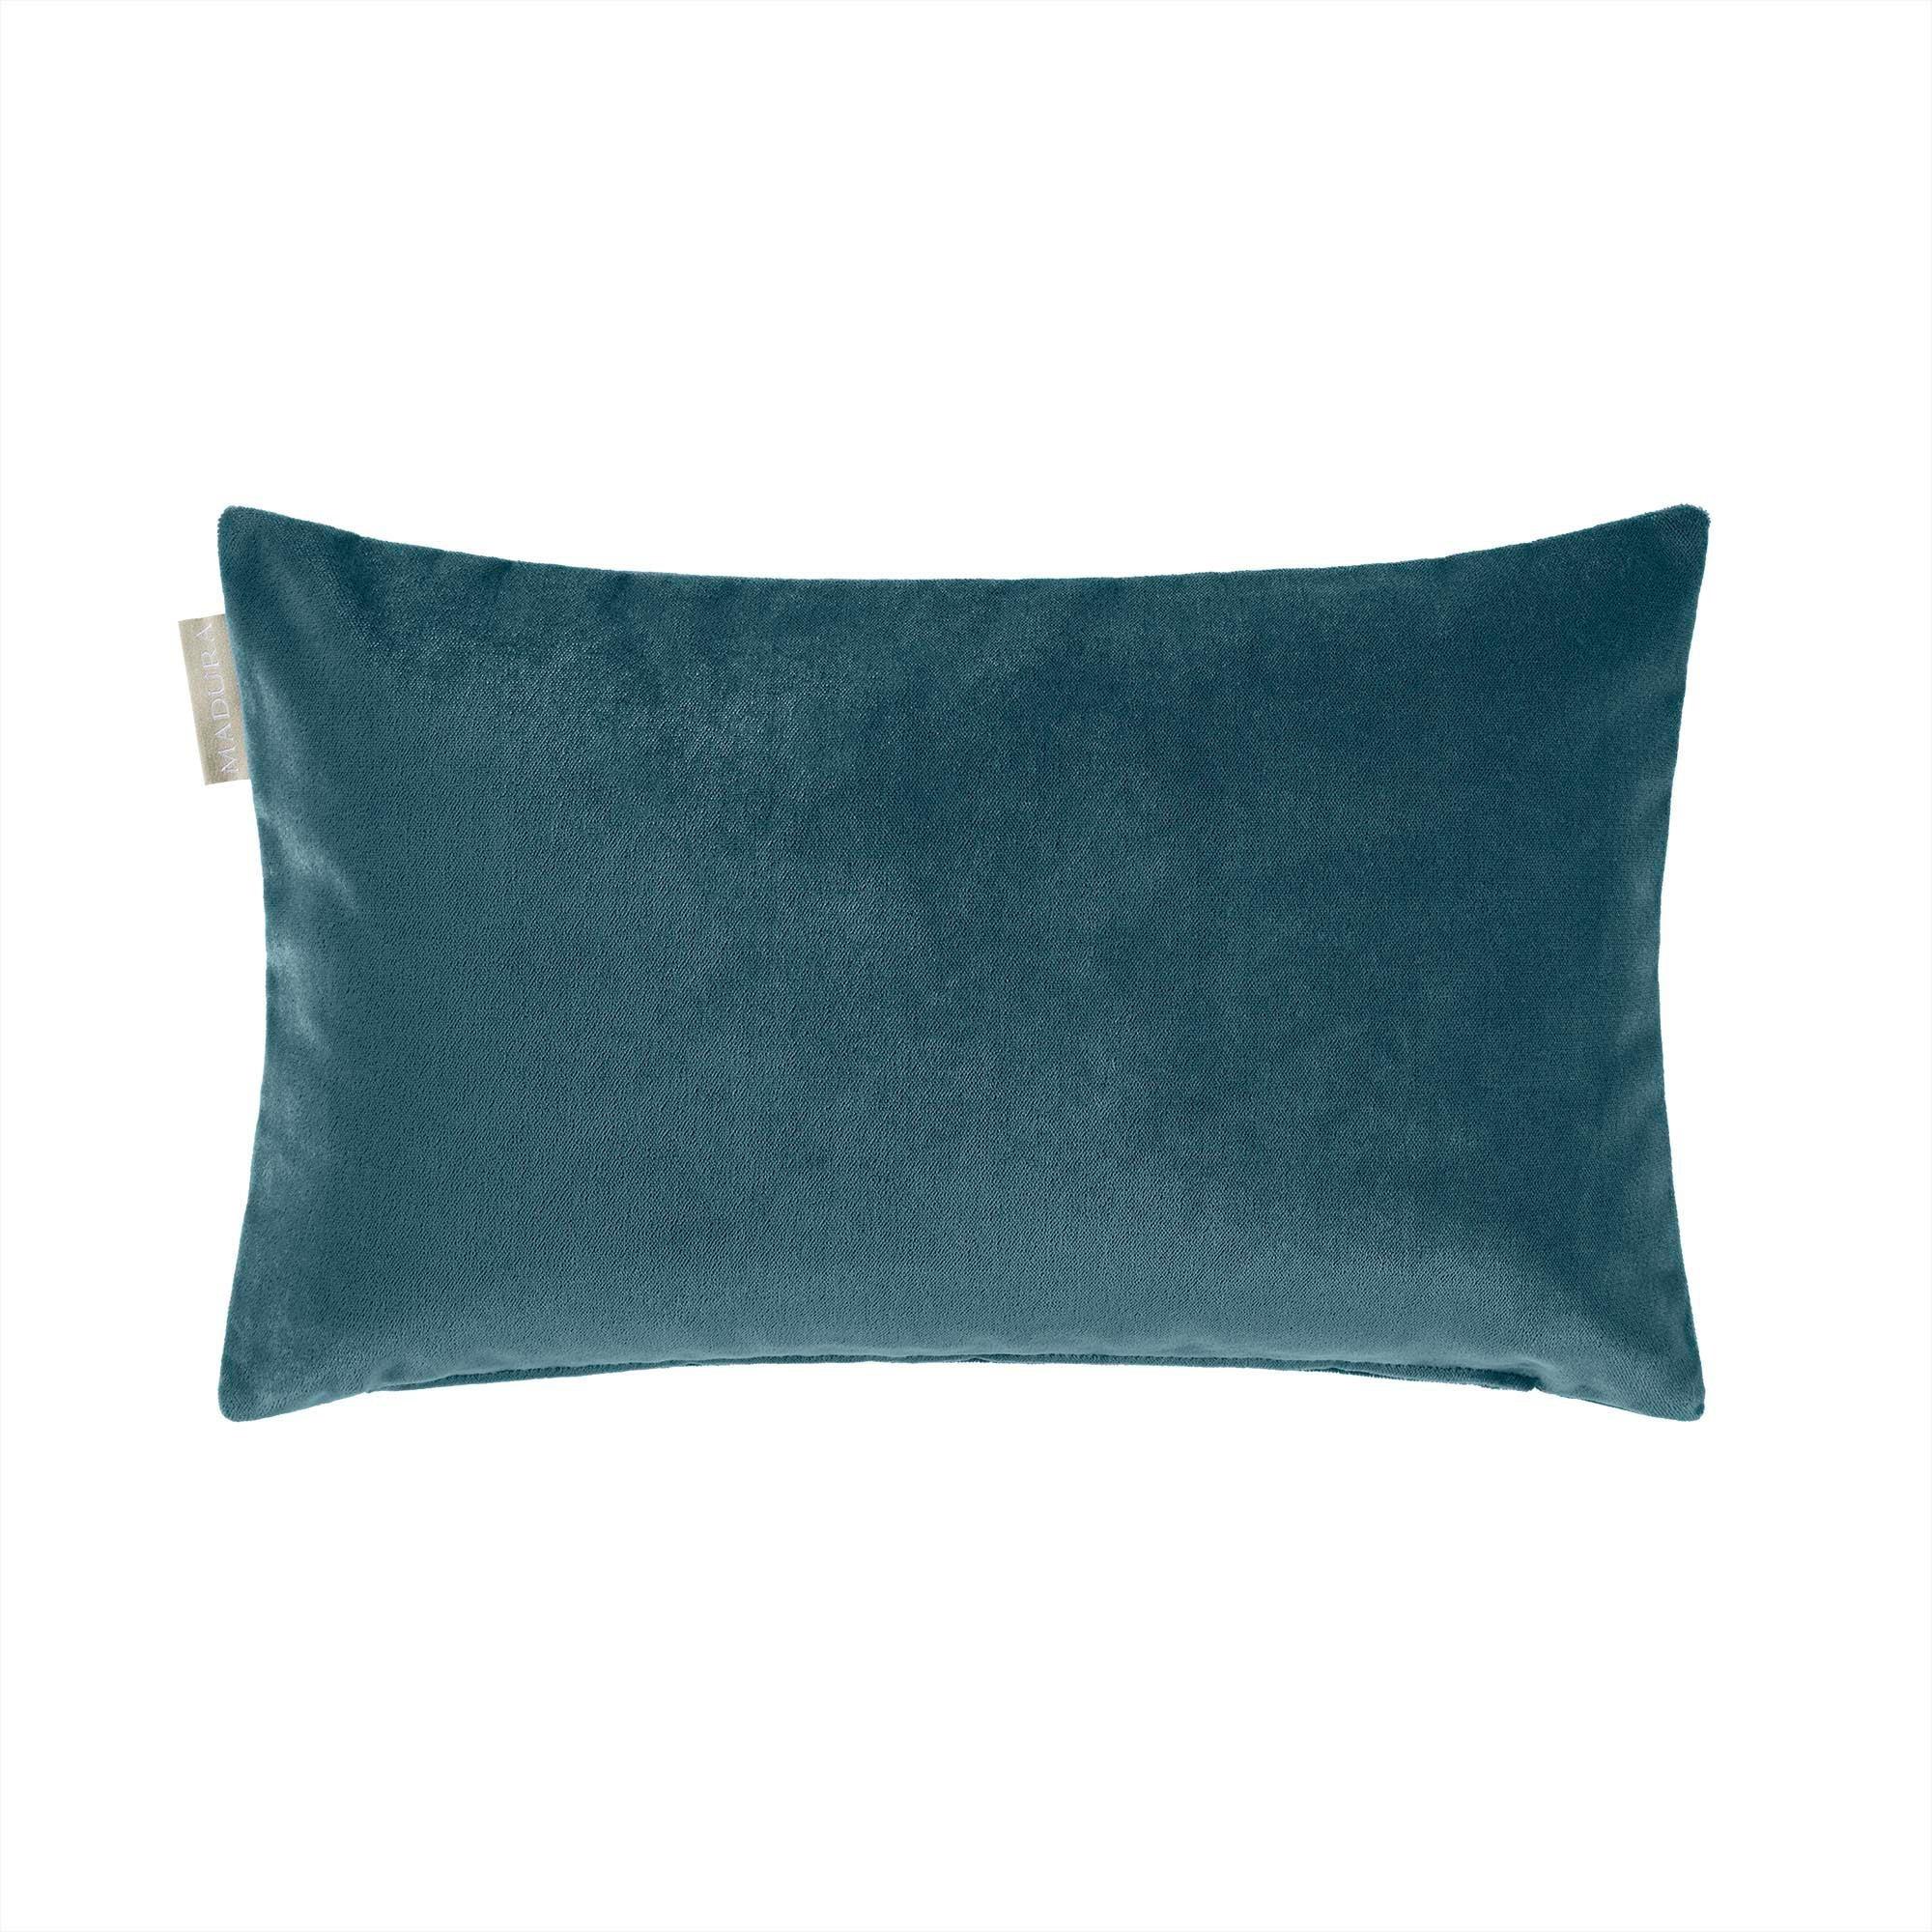 Turquoise Toucher Doux Recouvert de tissu de haute qualité coussin de siège